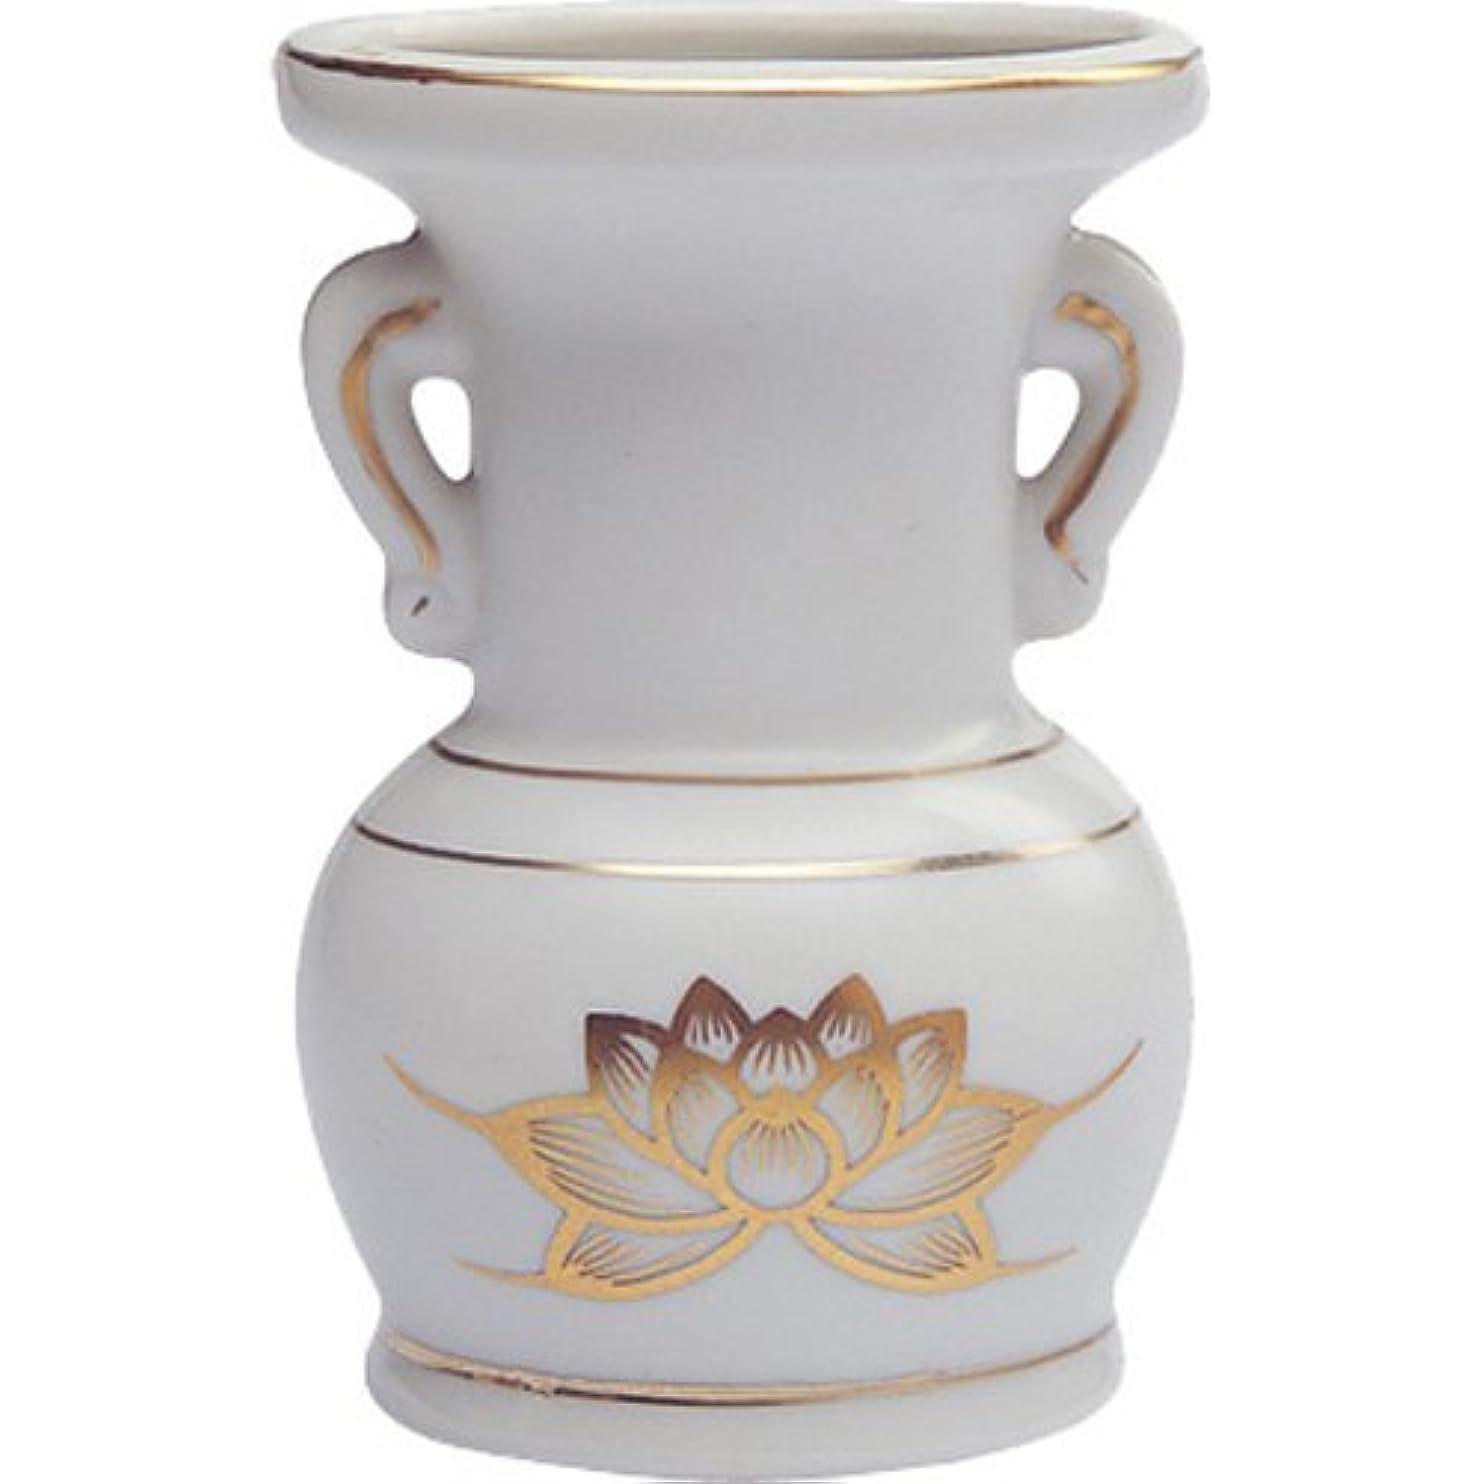 変える統治可能無力花立て 陶器(白磁)